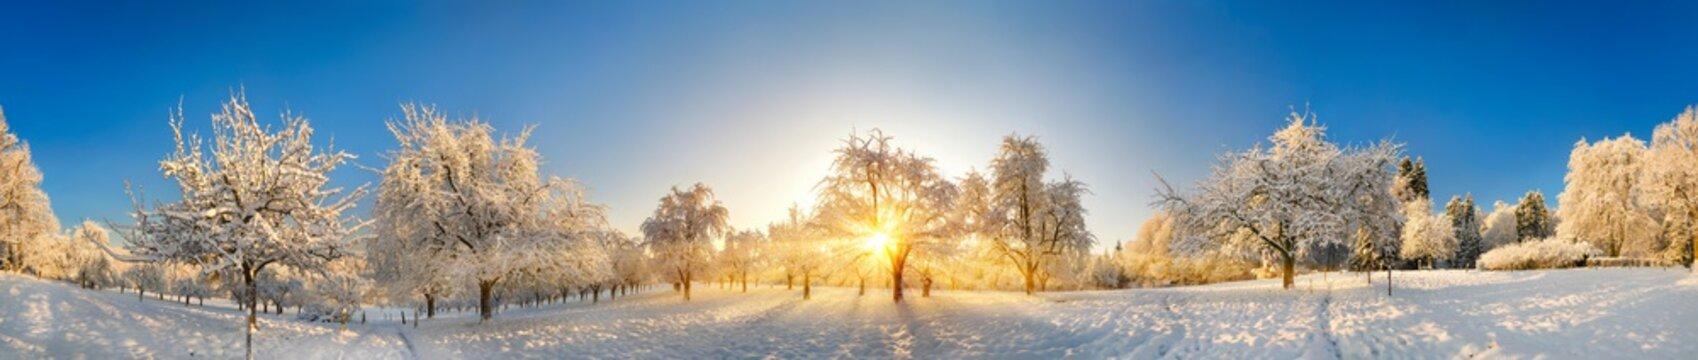 Panorama von zauberhafter Winterlandschaft